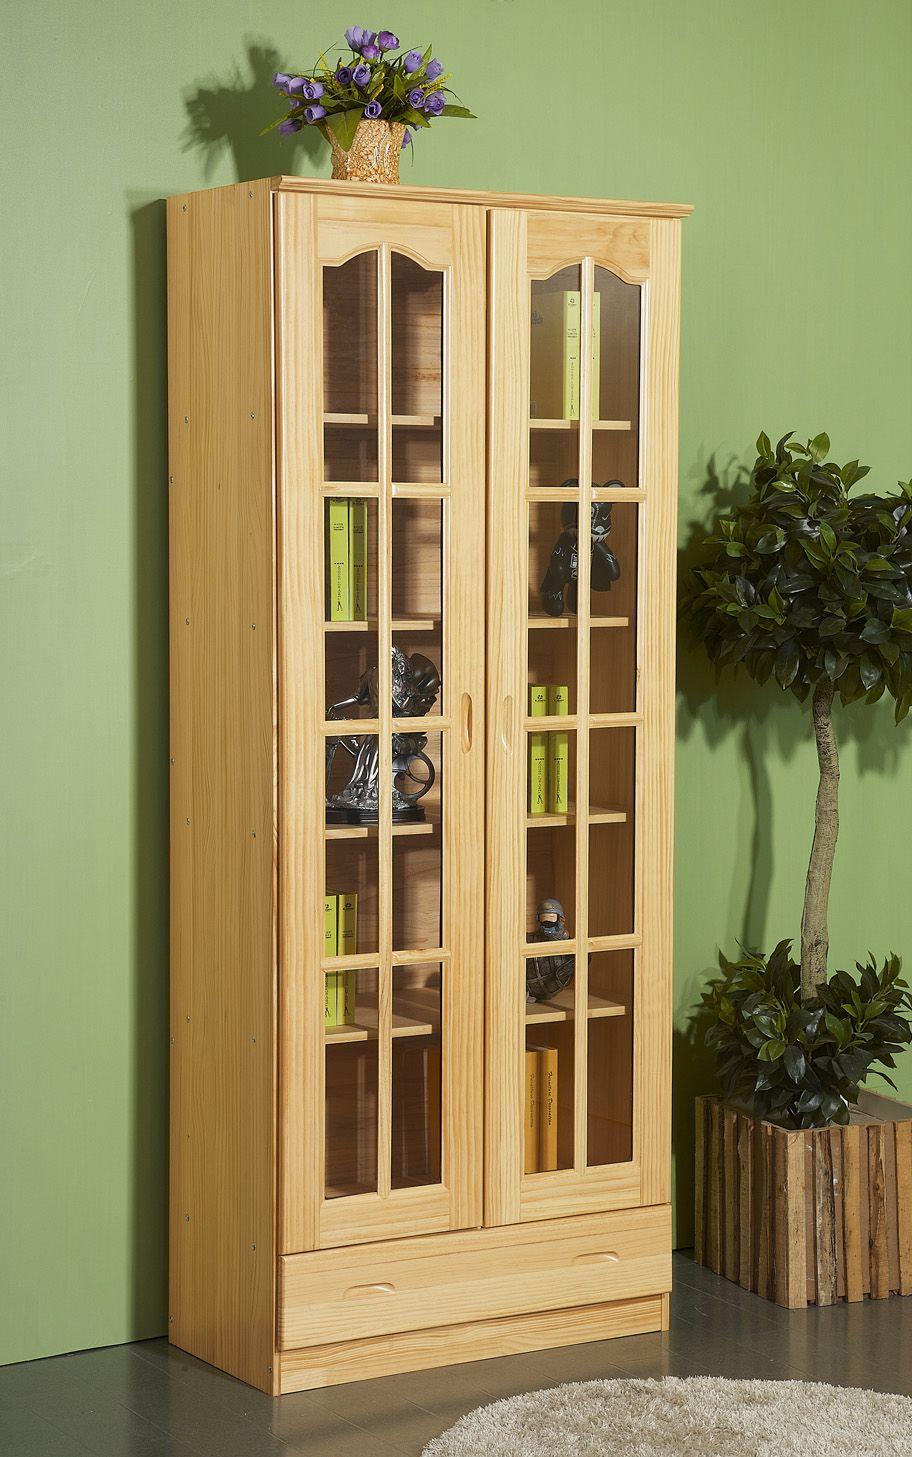 Zeitgenössische Moderne Bücherregal Mit Türen Holz